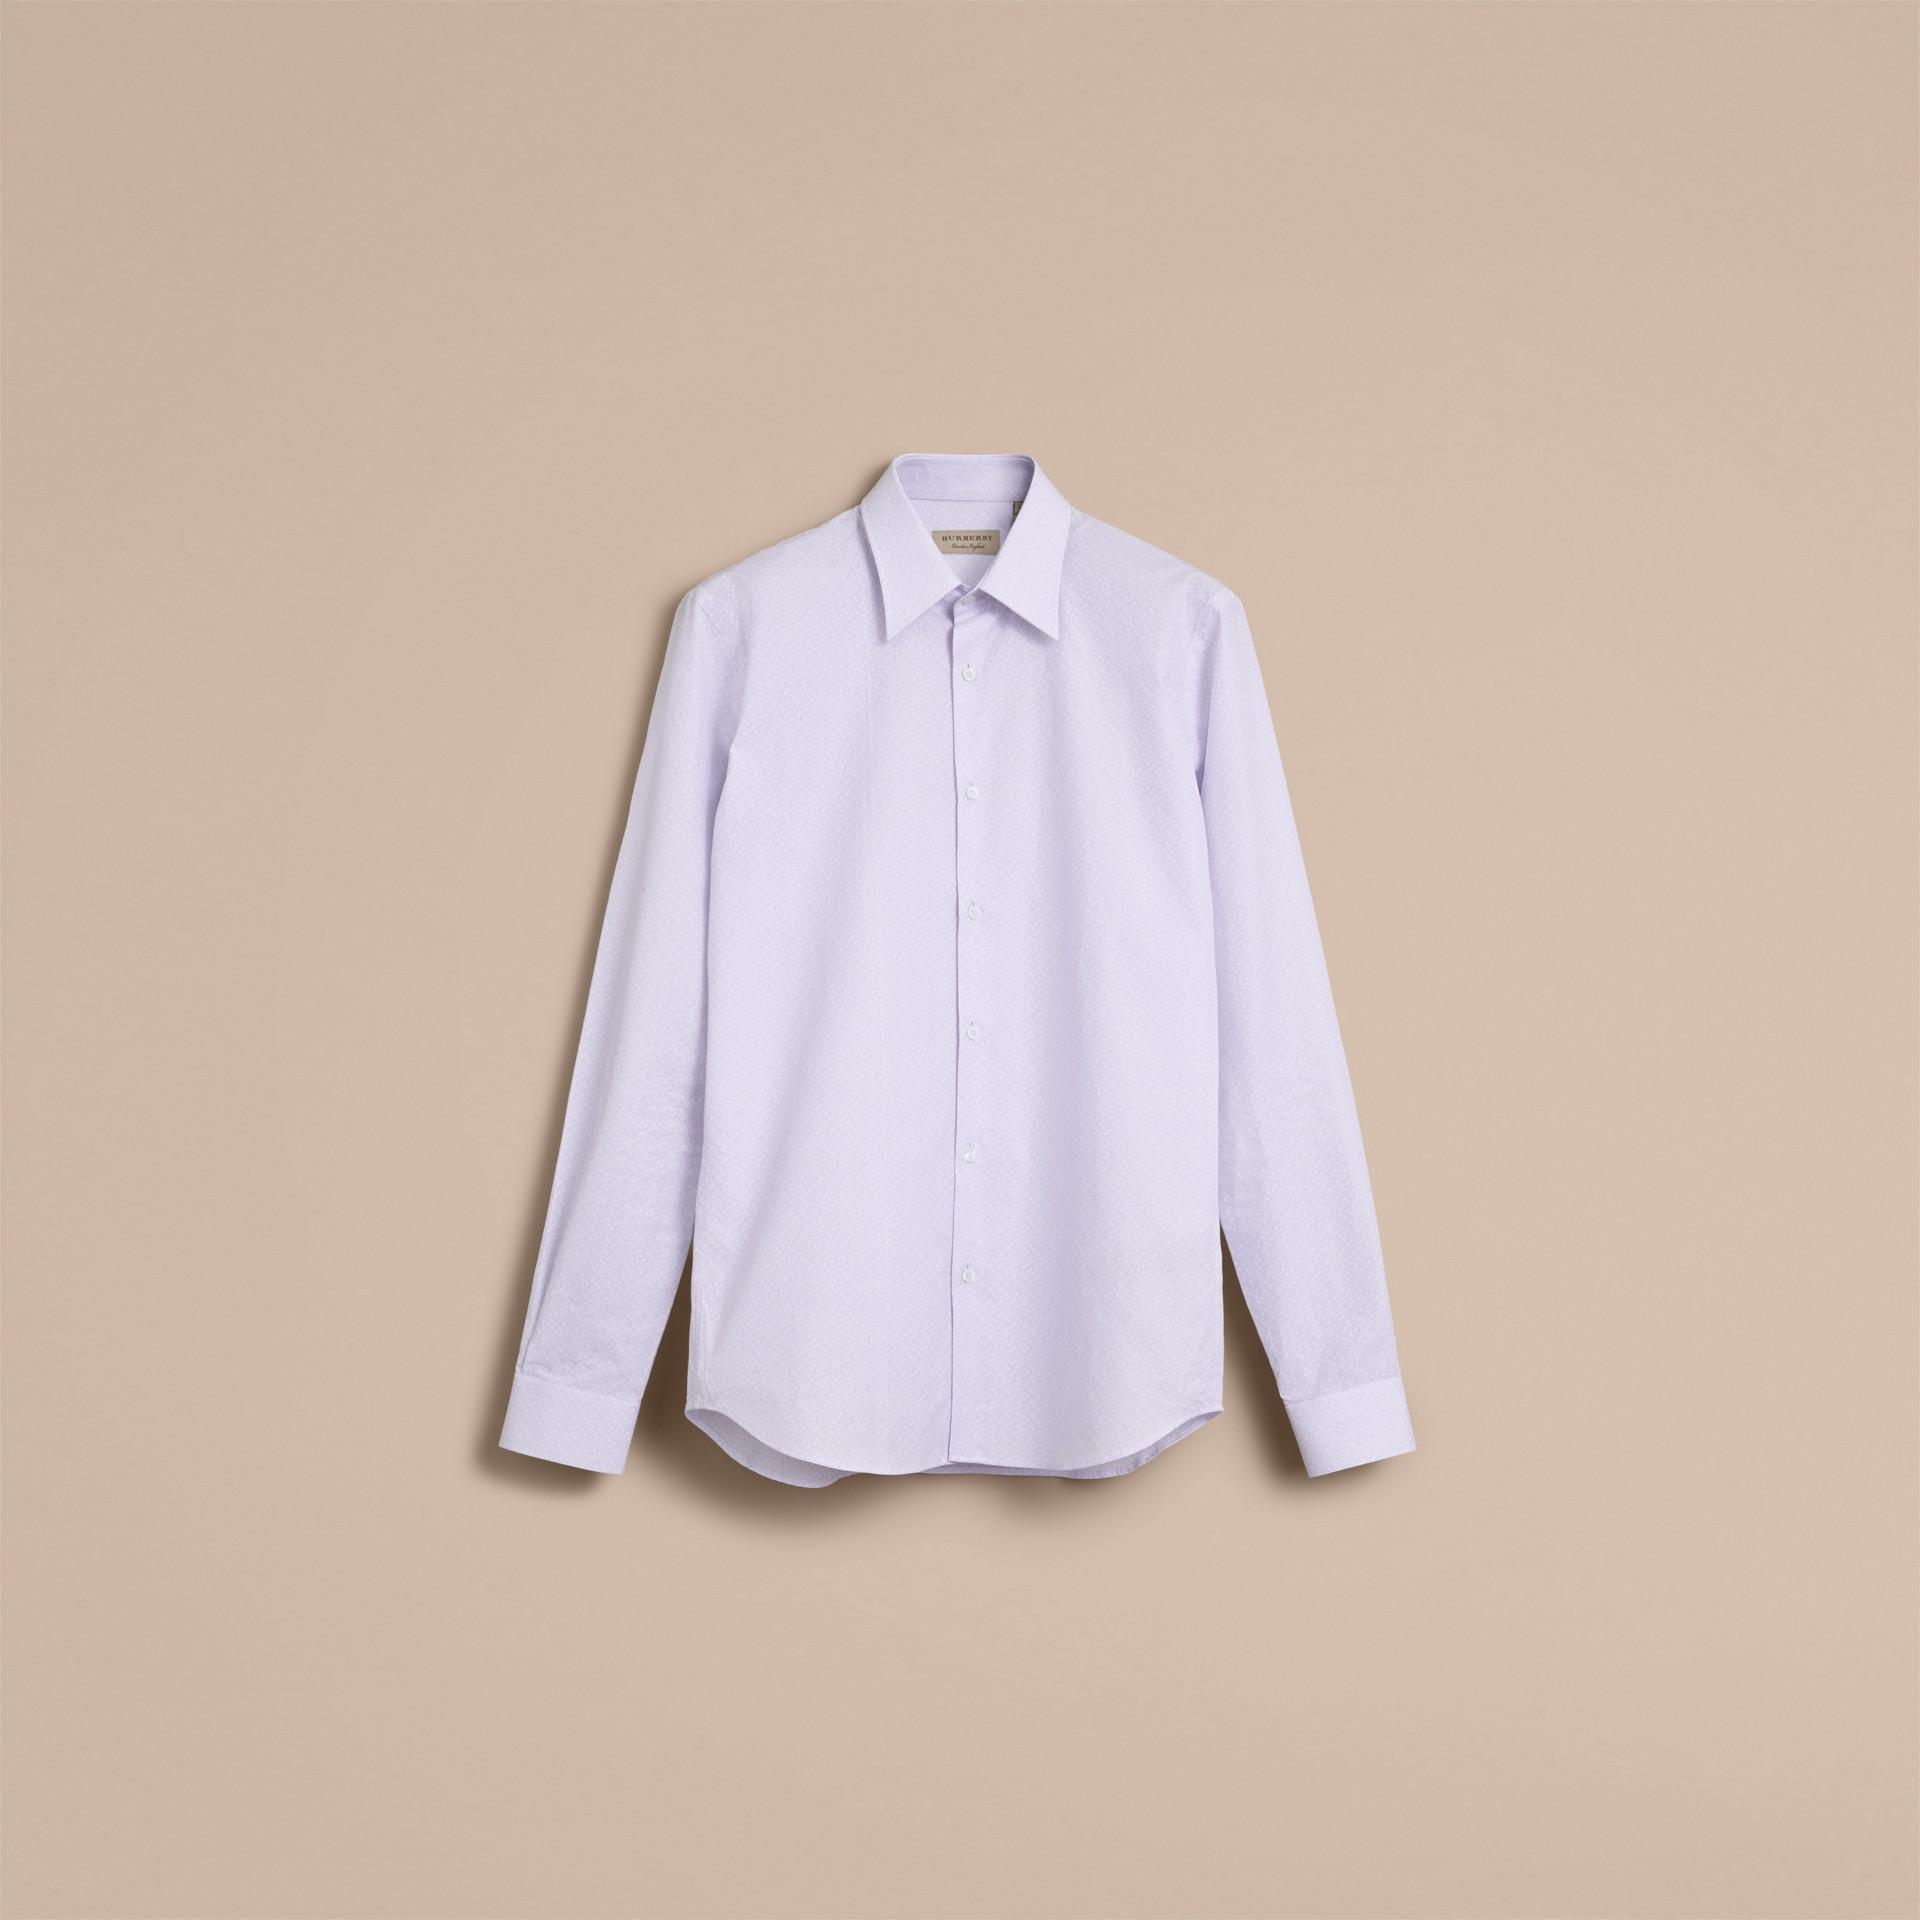 슬림 핏 스트라이프 지오메트릭 도비 코튼 셔츠 (페일 스카이 블루) - 남성 | Burberry - 갤러리 이미지 4